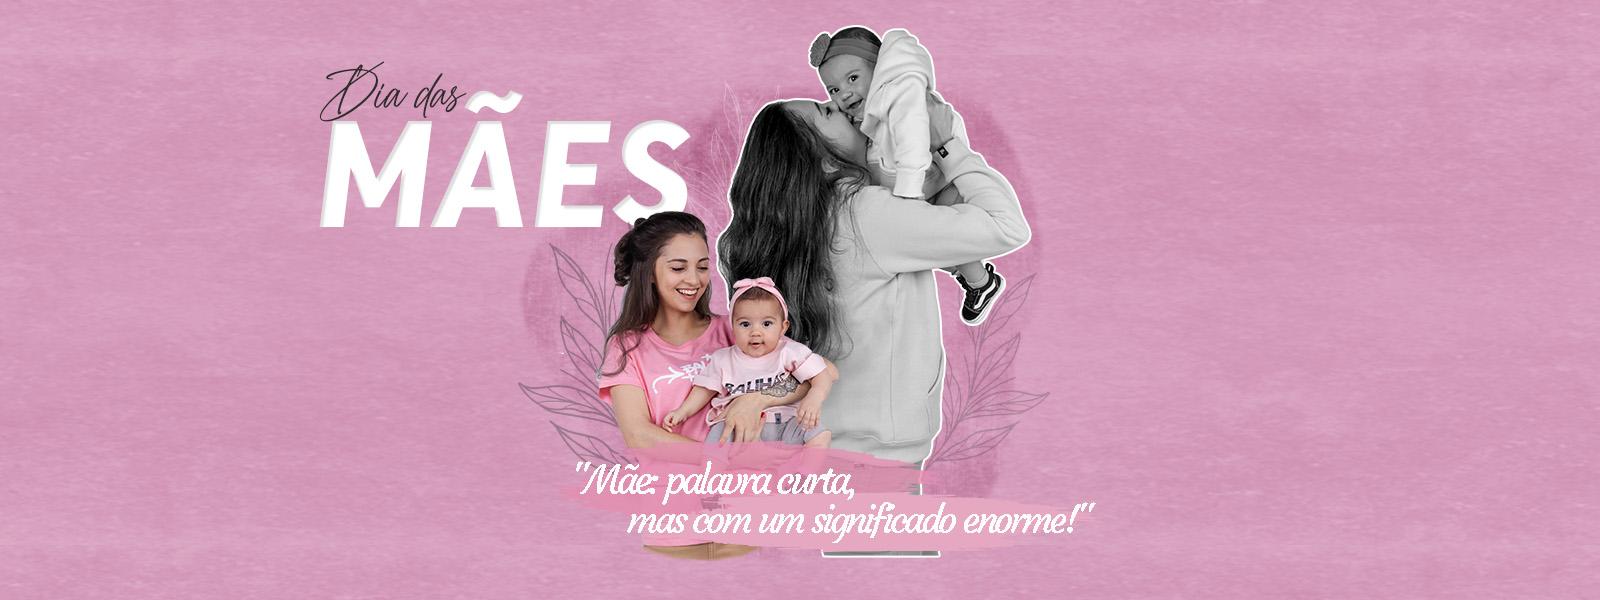 Dia das Mães